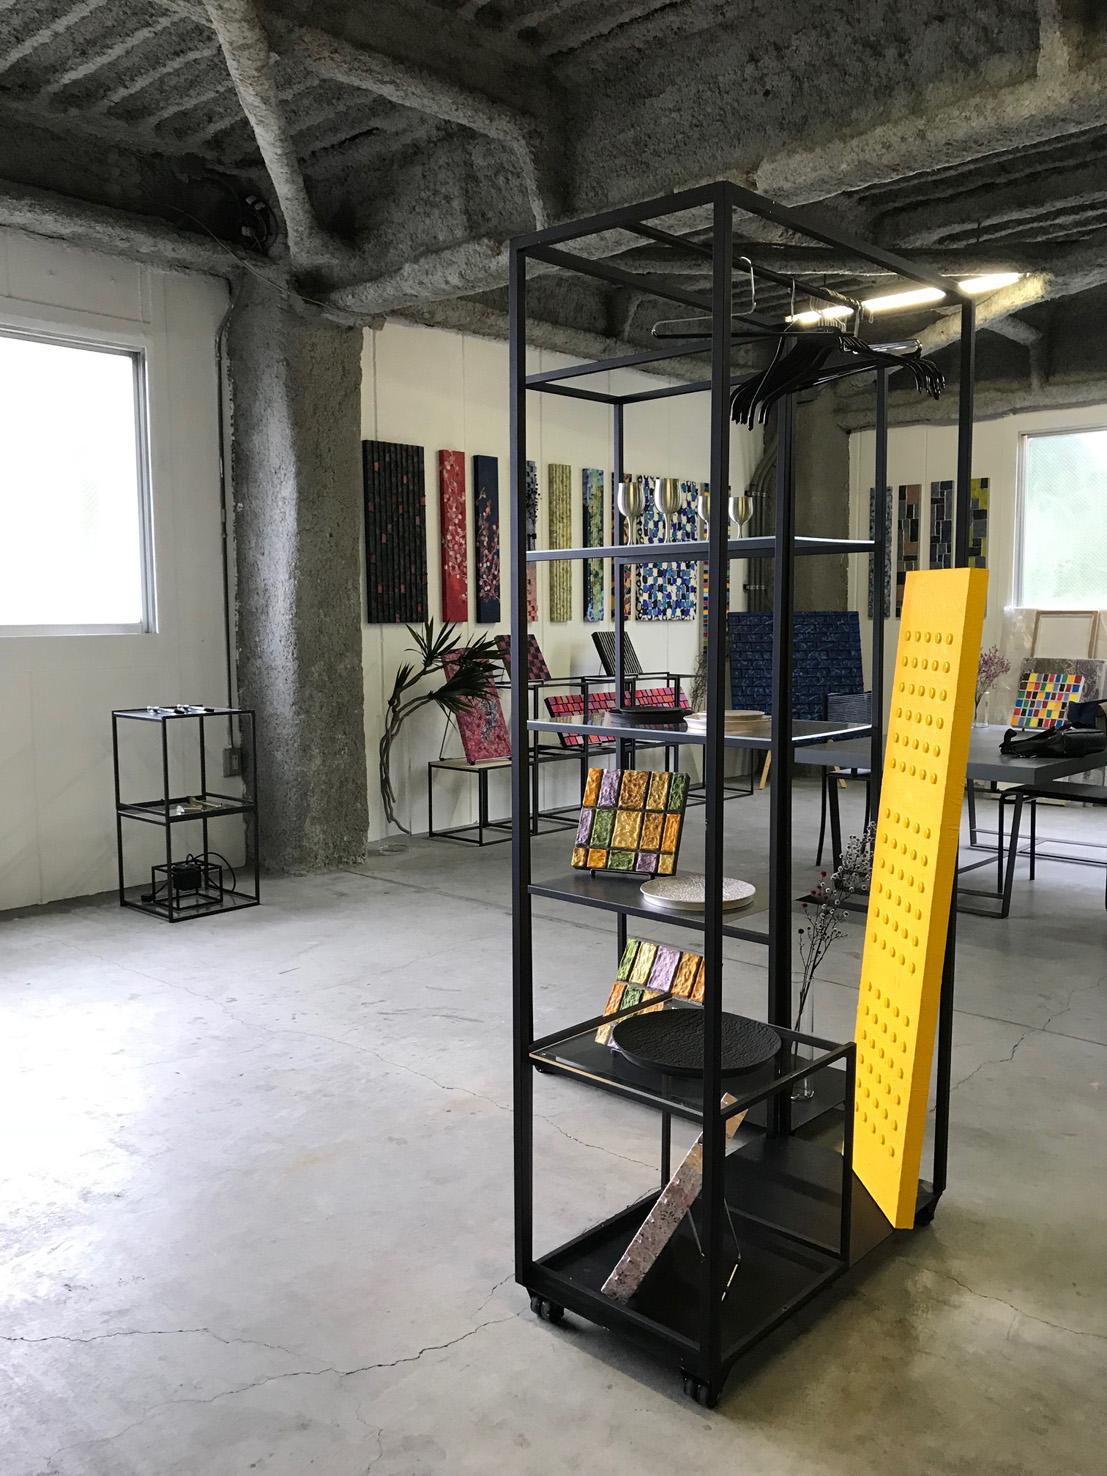 店舗デザイン リノベーション インテリアデザインEDPSTUDIO 静岡 横浜